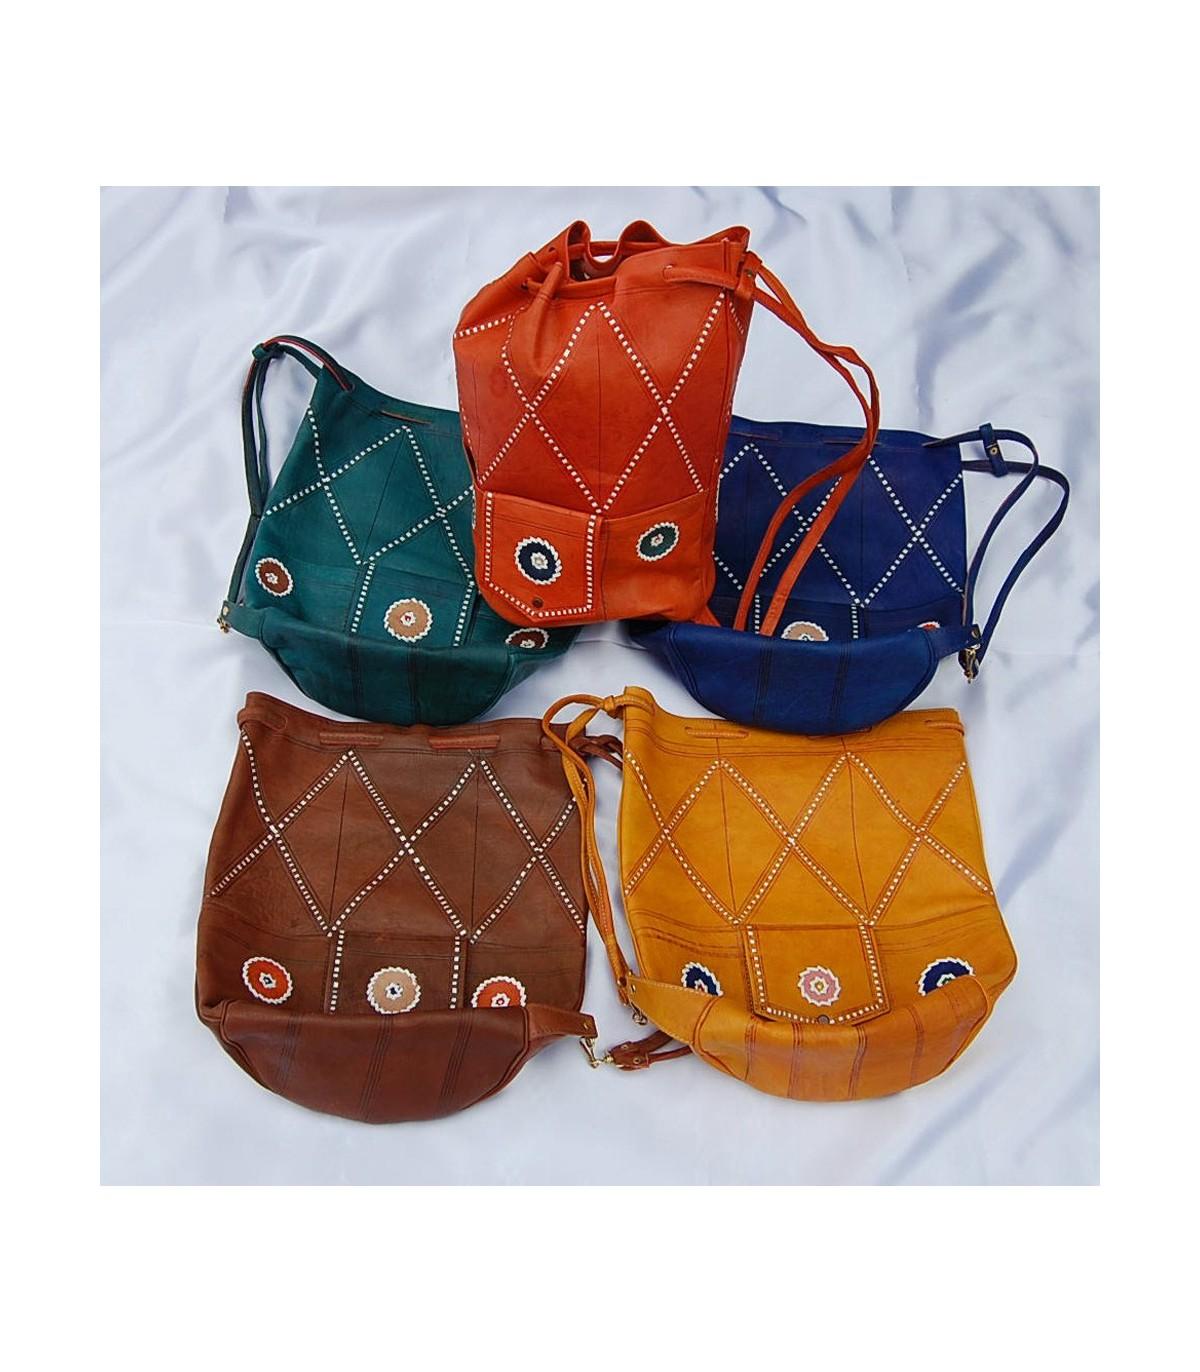 Artesano Congo Colores 2 Cuero Varios de Tamaños Publico Bolso qHZP7